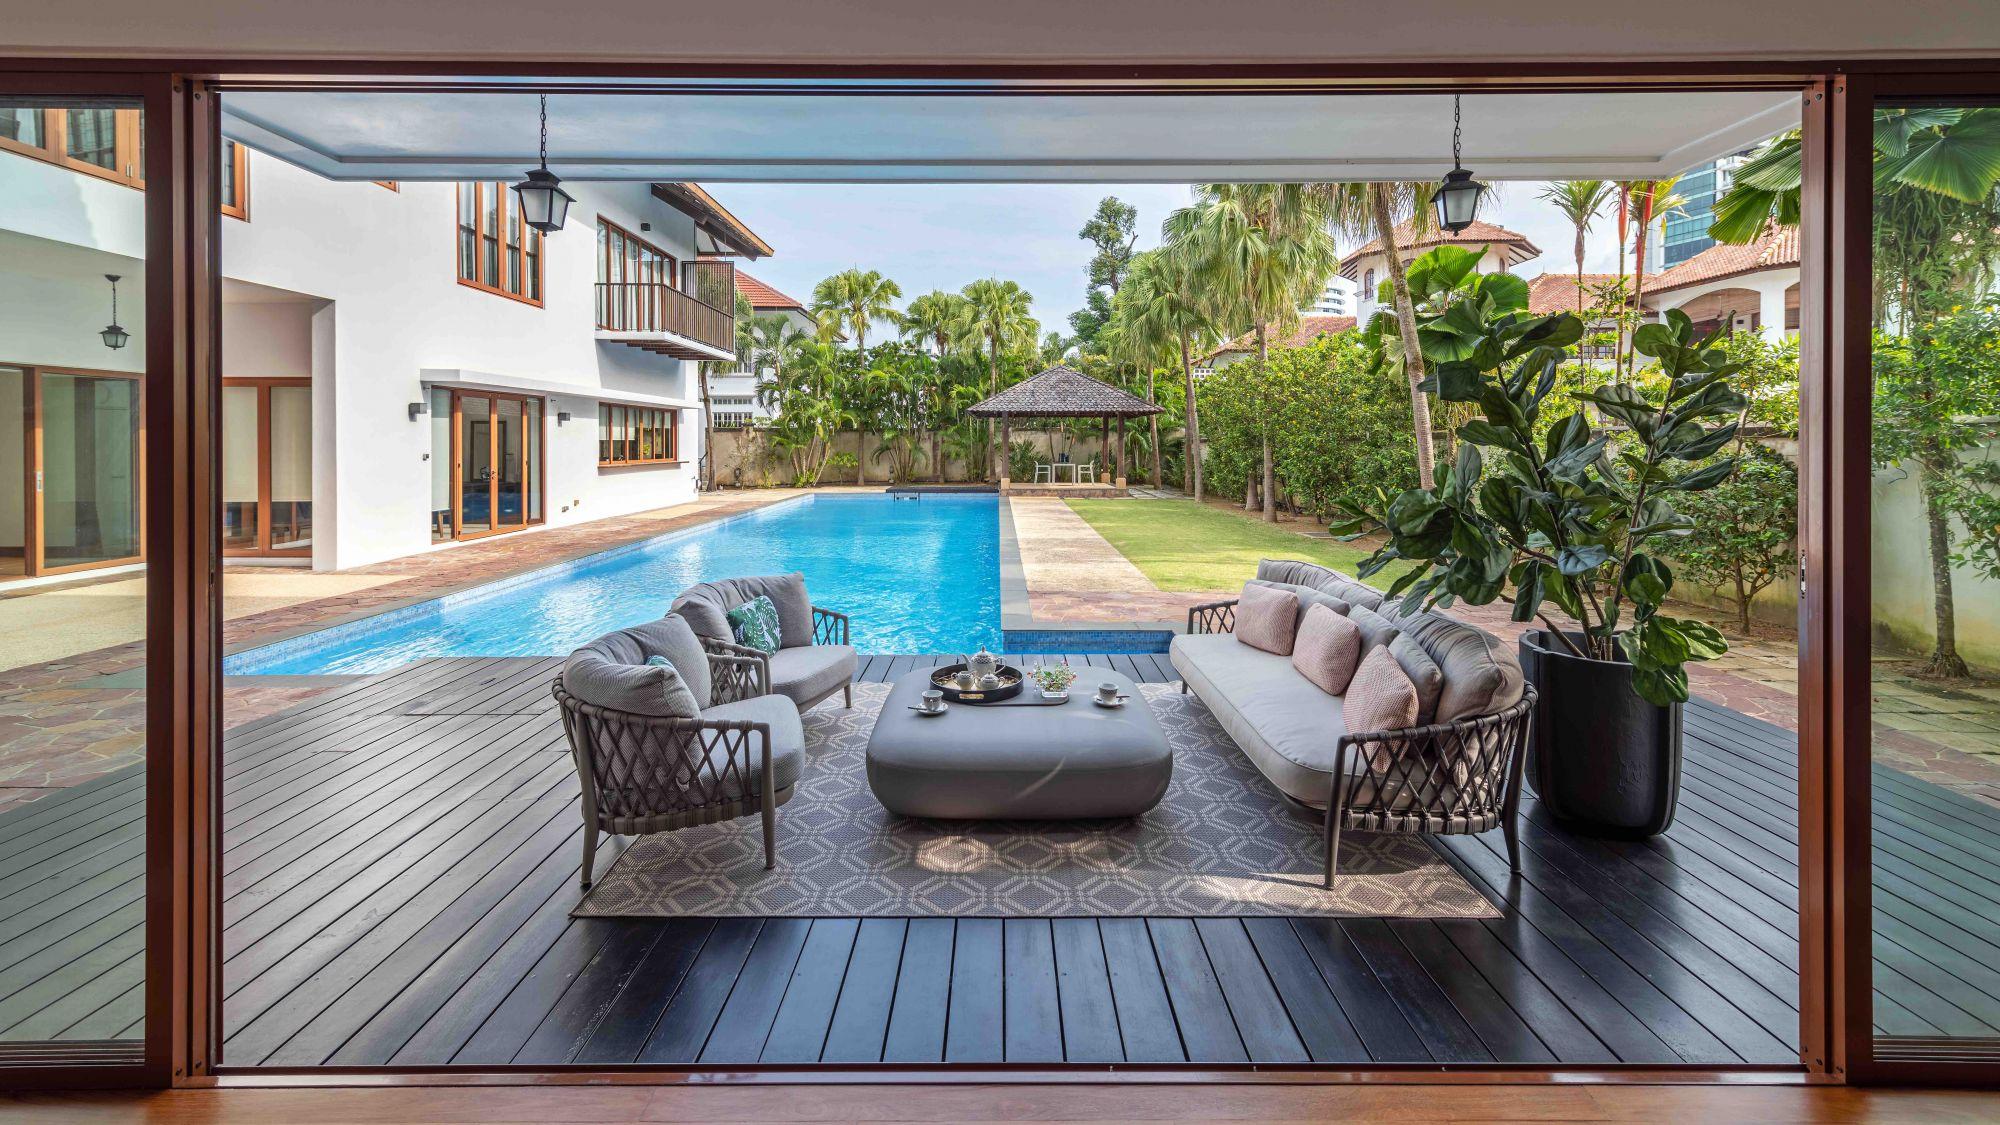 Dans ce bungalow de bonne classe, la collection extérieure B&B Italia Erica contribue à l'ambiance de vacances au bord de la piscine